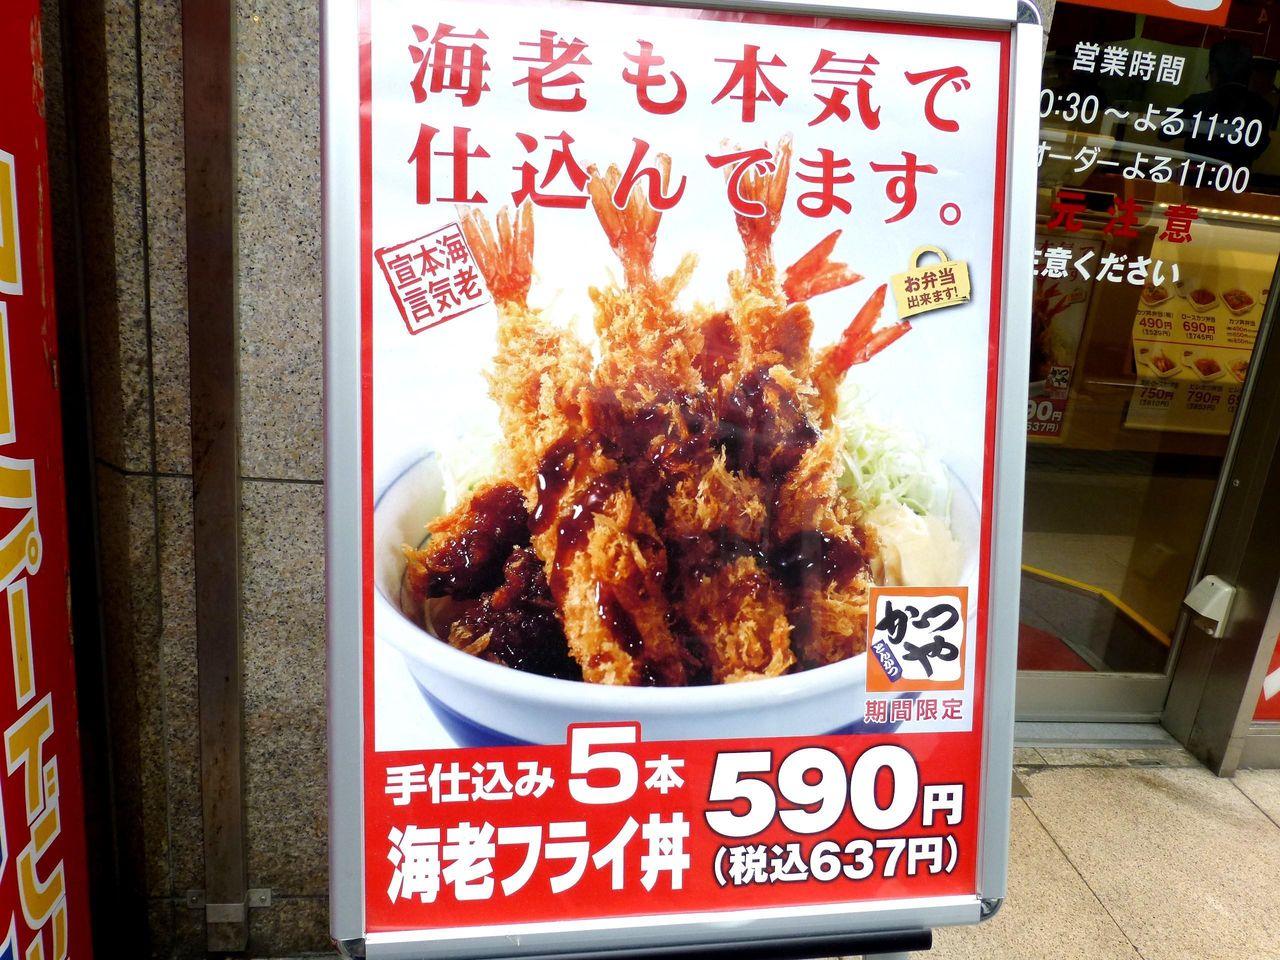 新橋で気になるメニューを発見!海老フライ丼560円!